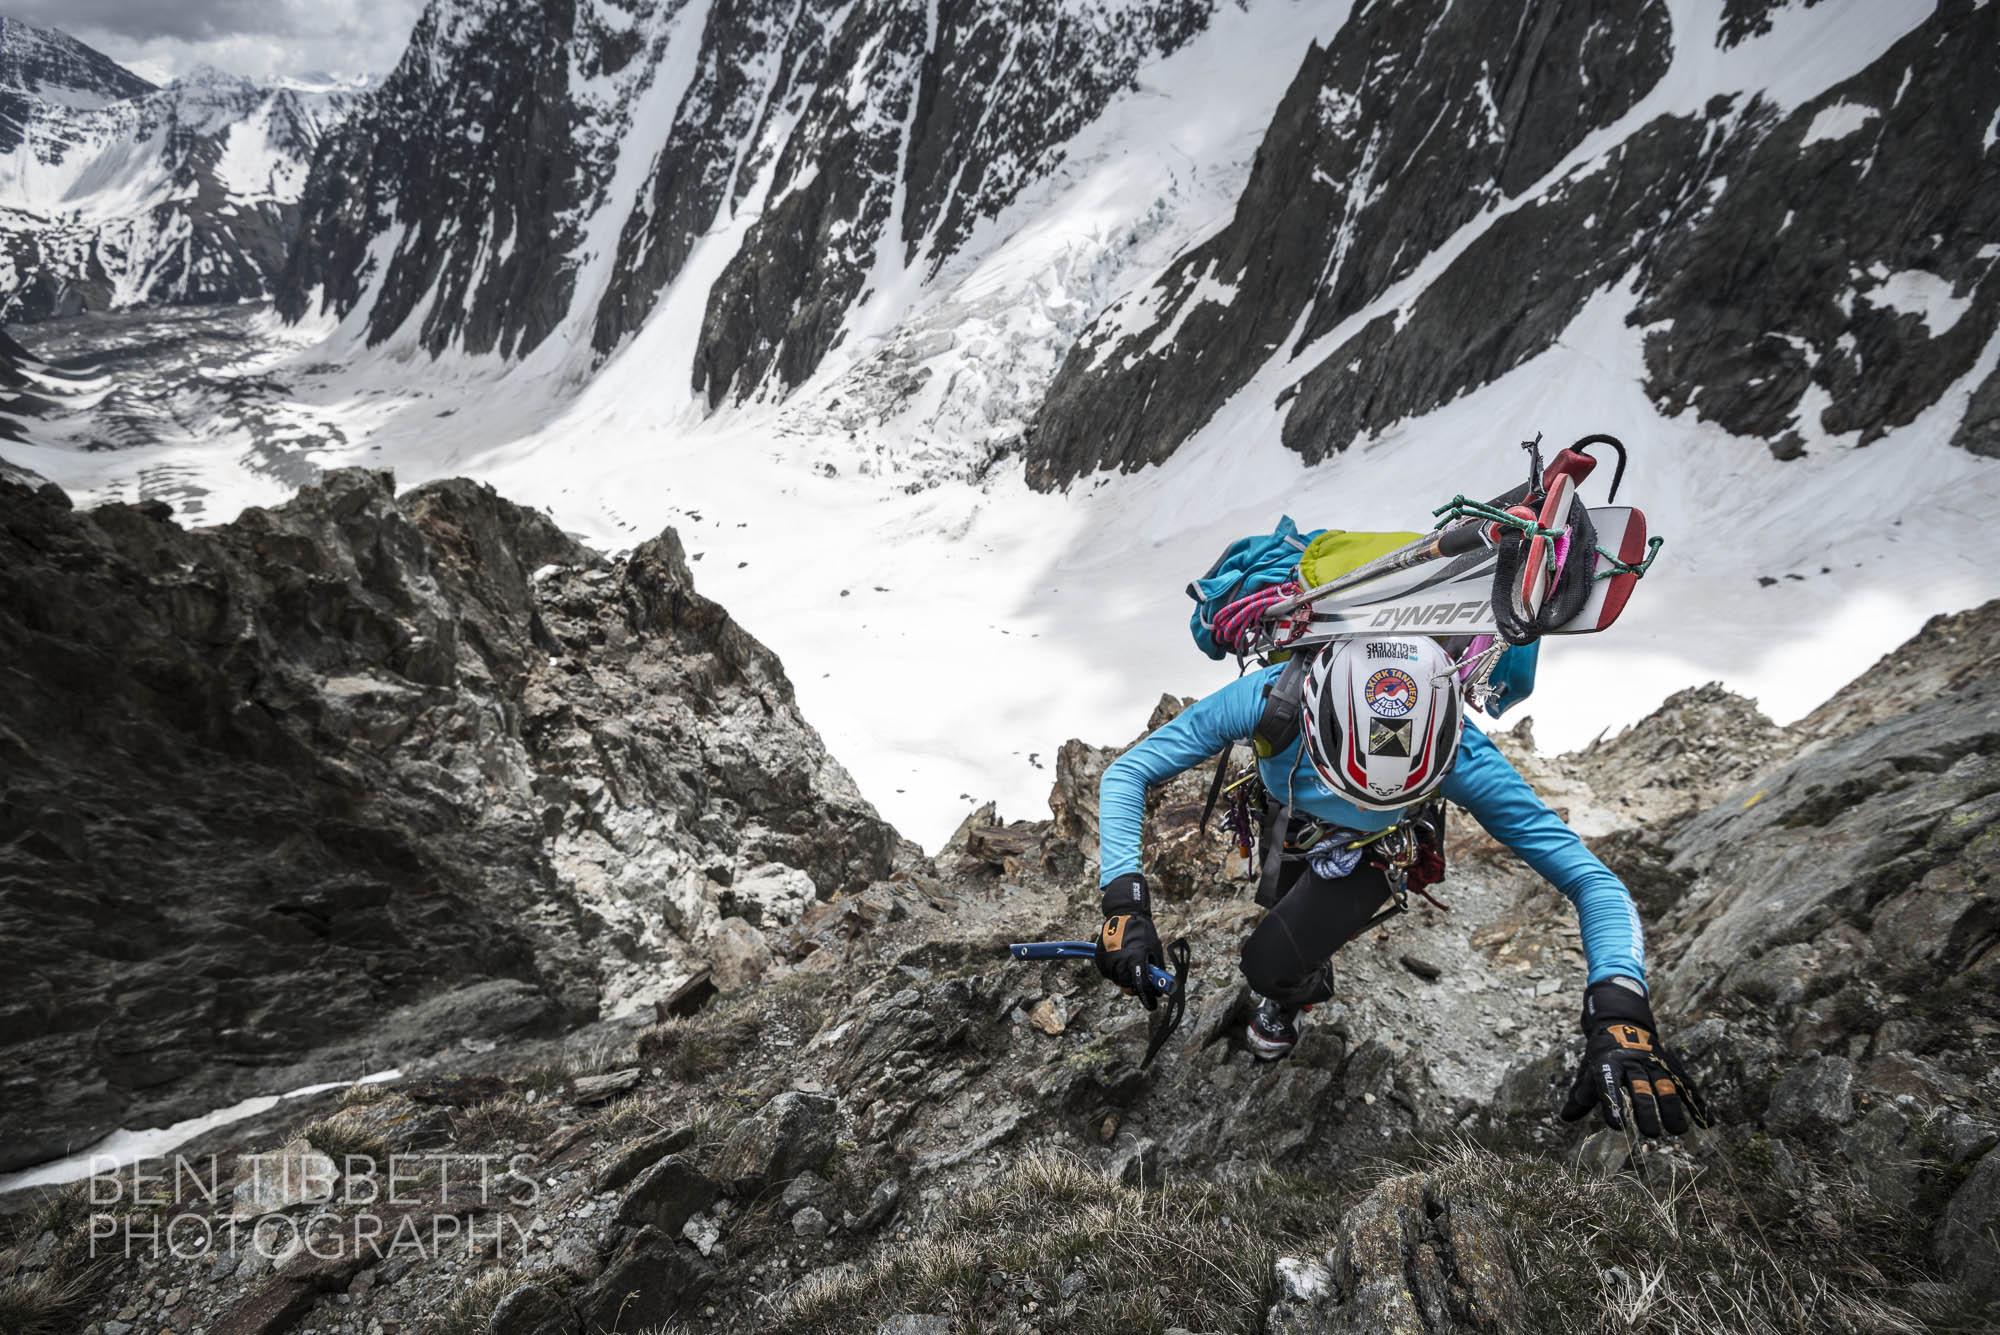 Tournette Spur, SW face of Mont Blanc